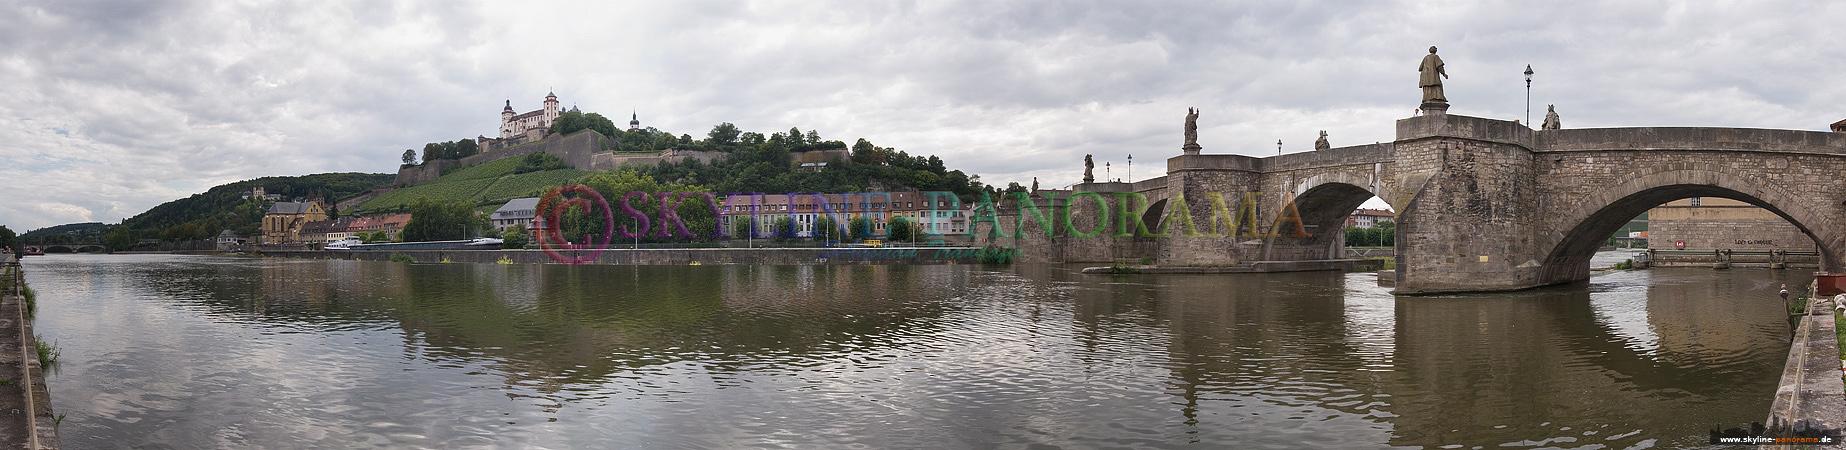 Panorama Bild - Würzburg am Mainufer mit der Marienfestung Würzburg und der Alten Mainbrücke.